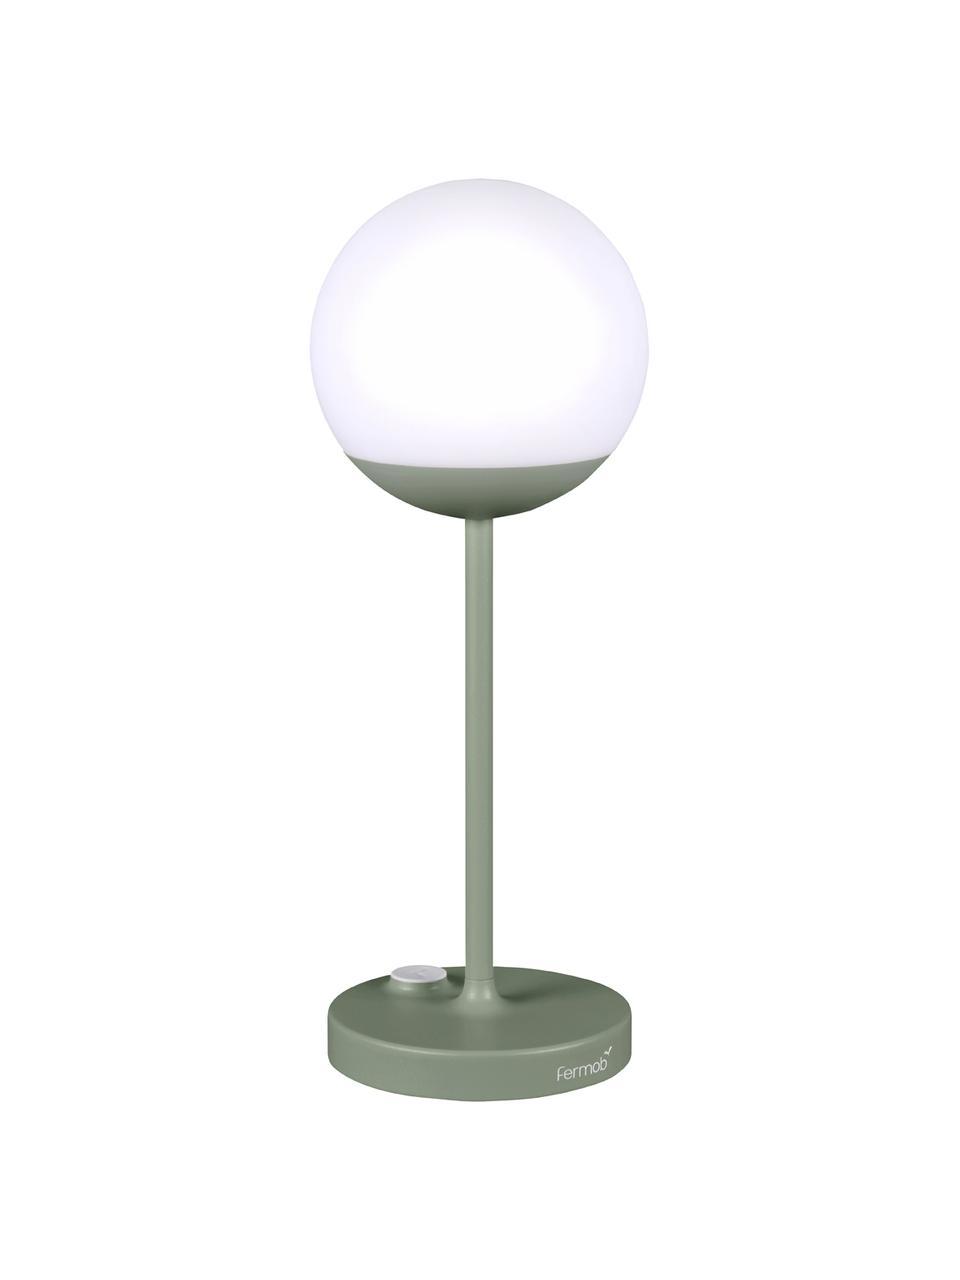 Mobiele outdoor LED lamp Mooon, Lampenkap: kunststof, Groen, Ø 15 x H 41 cm